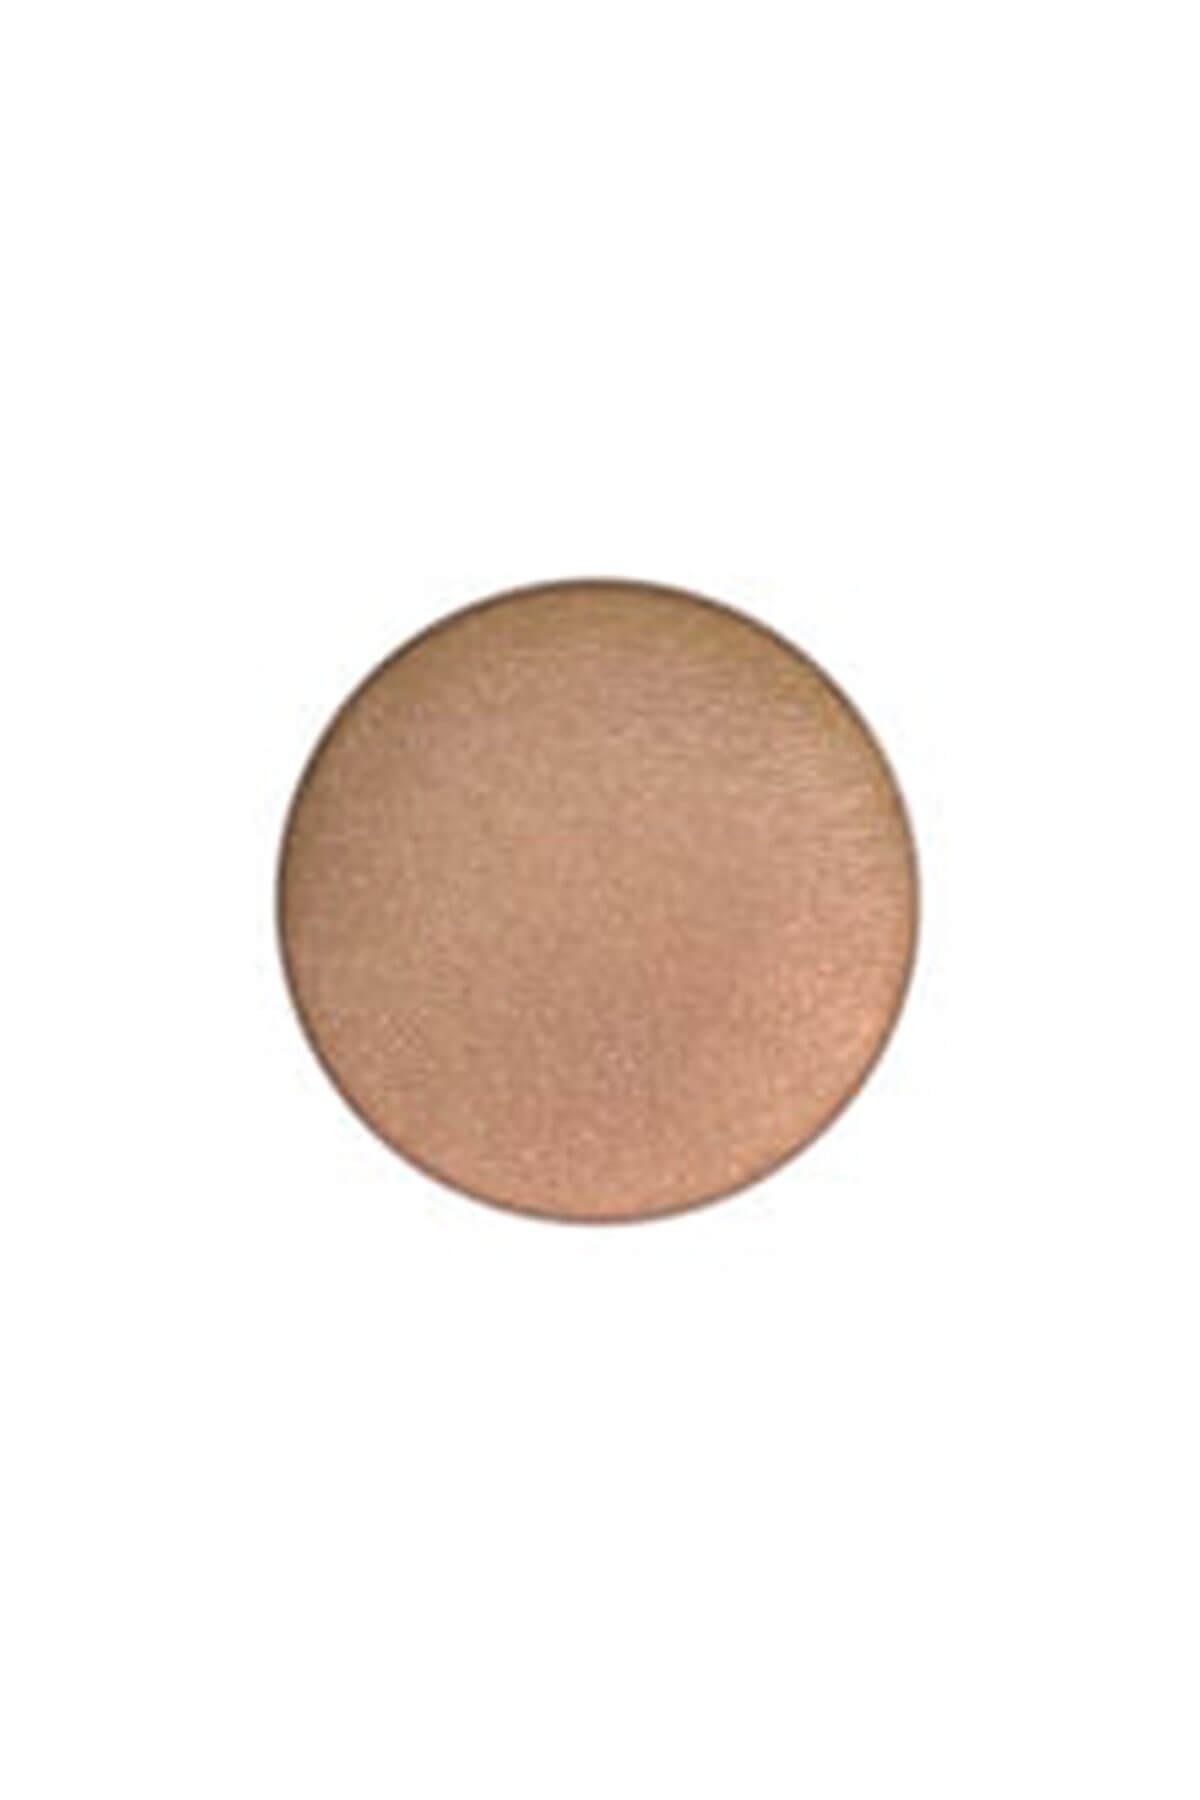 M.A.C Göz Farı - Refill Far Bronze 1.5 g 773602960903 1